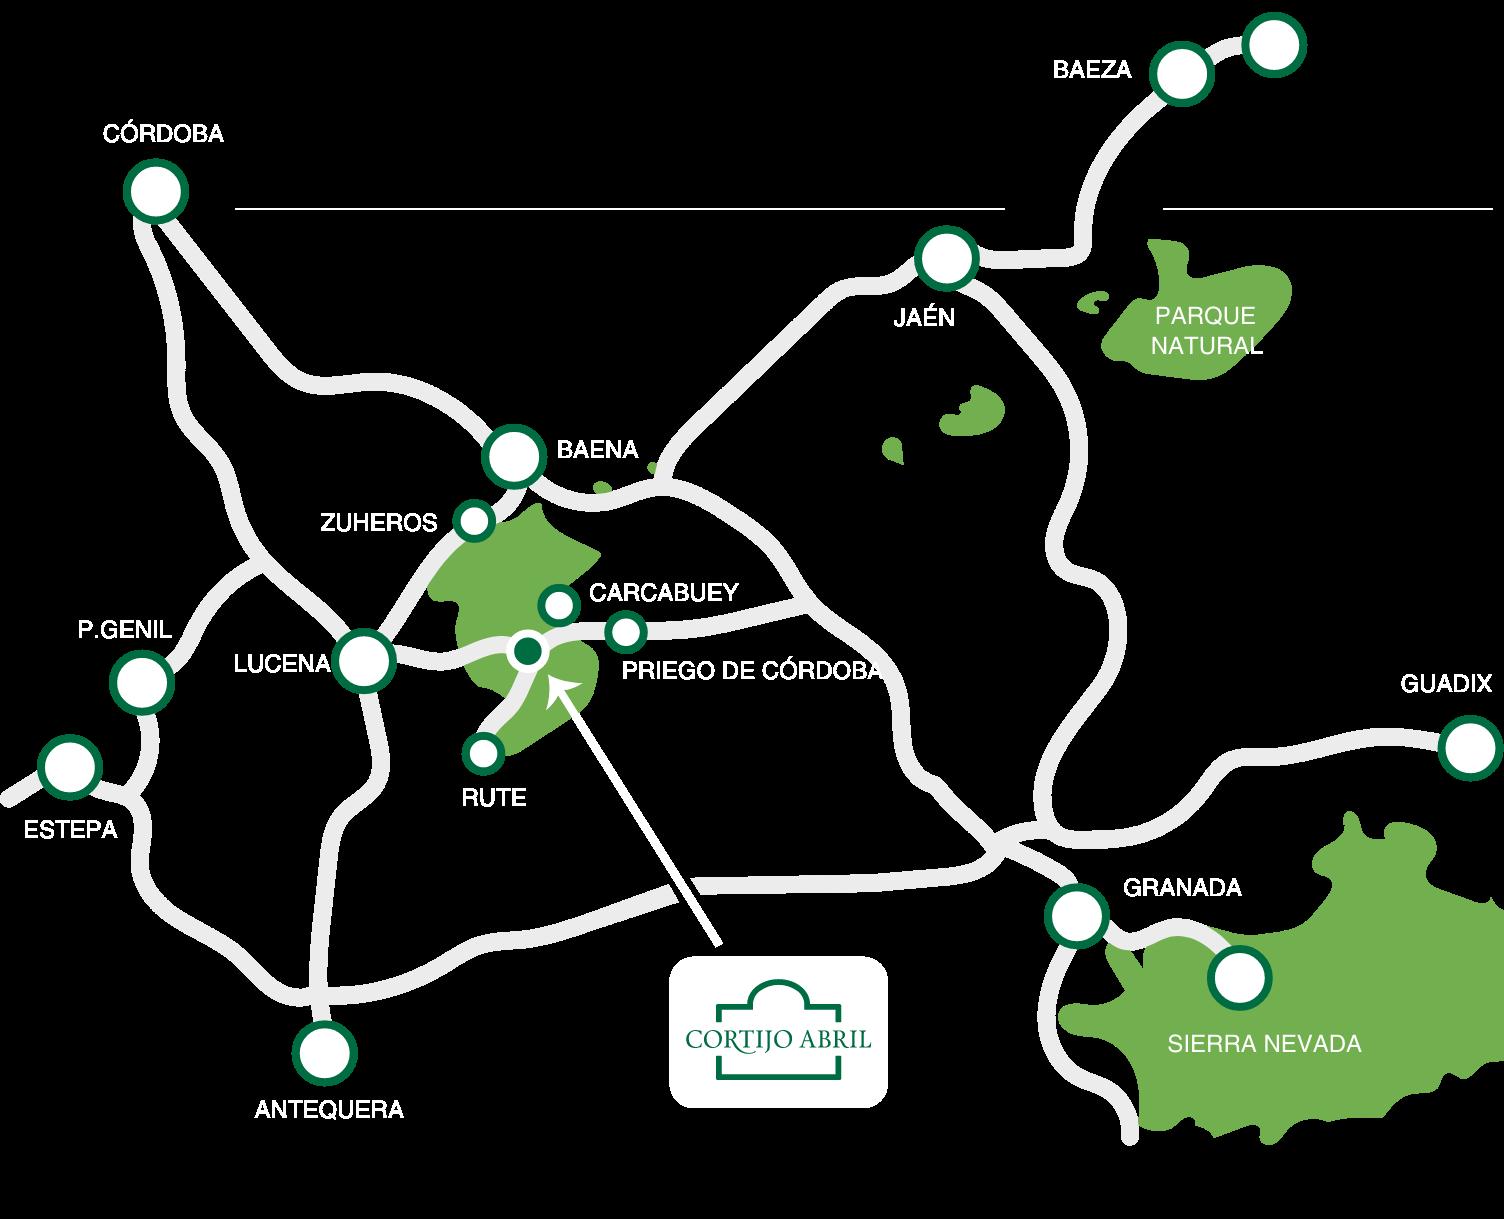 Mapa localización del cortijo.